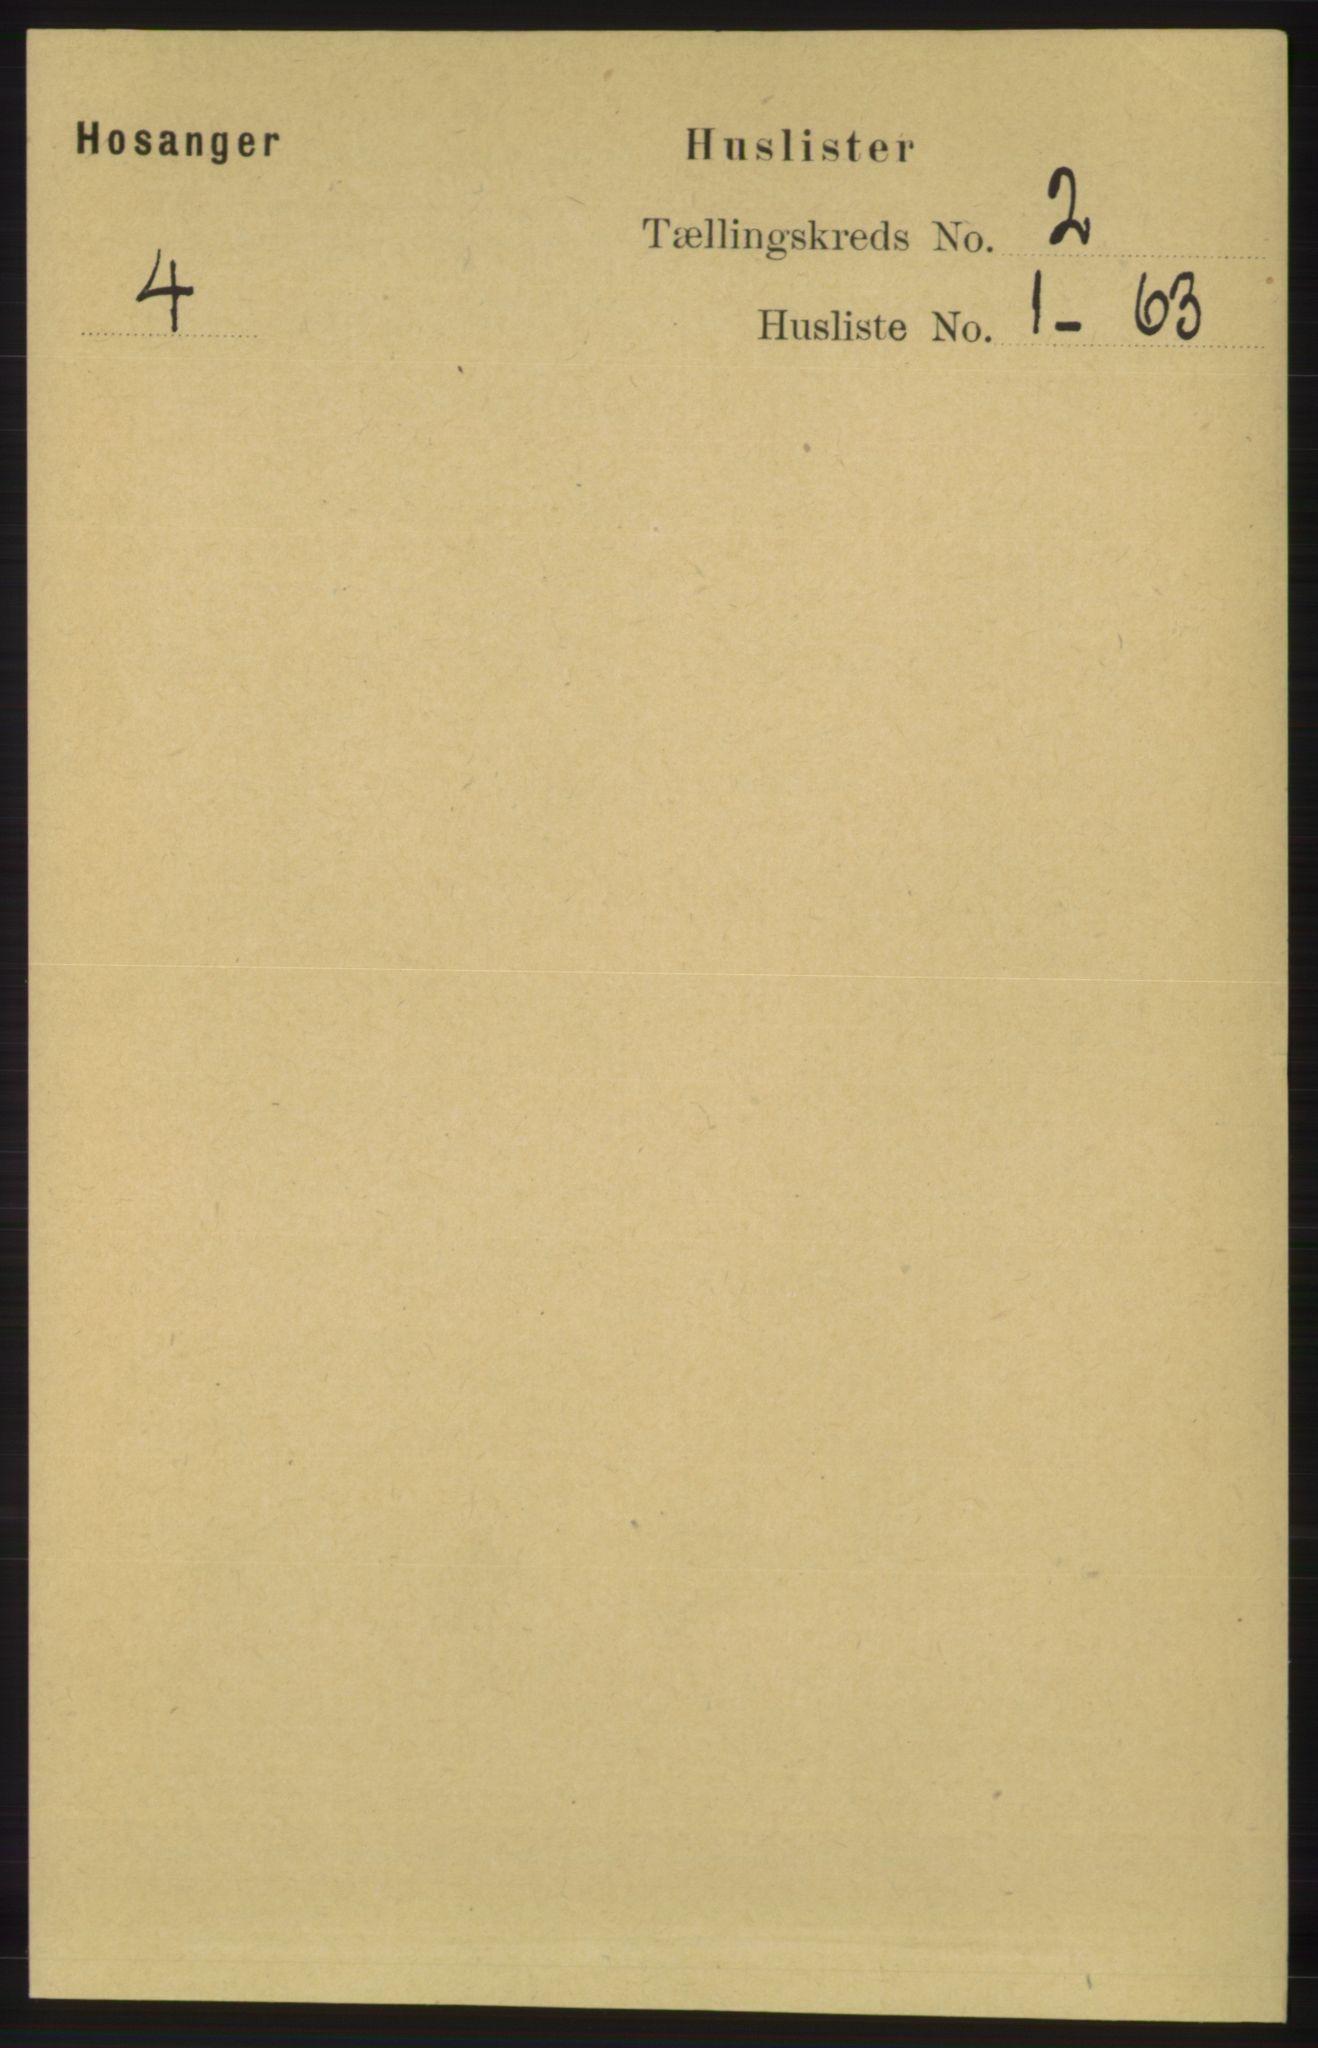 RA, Folketelling 1891 for 1253 Hosanger herred, 1891, s. 511